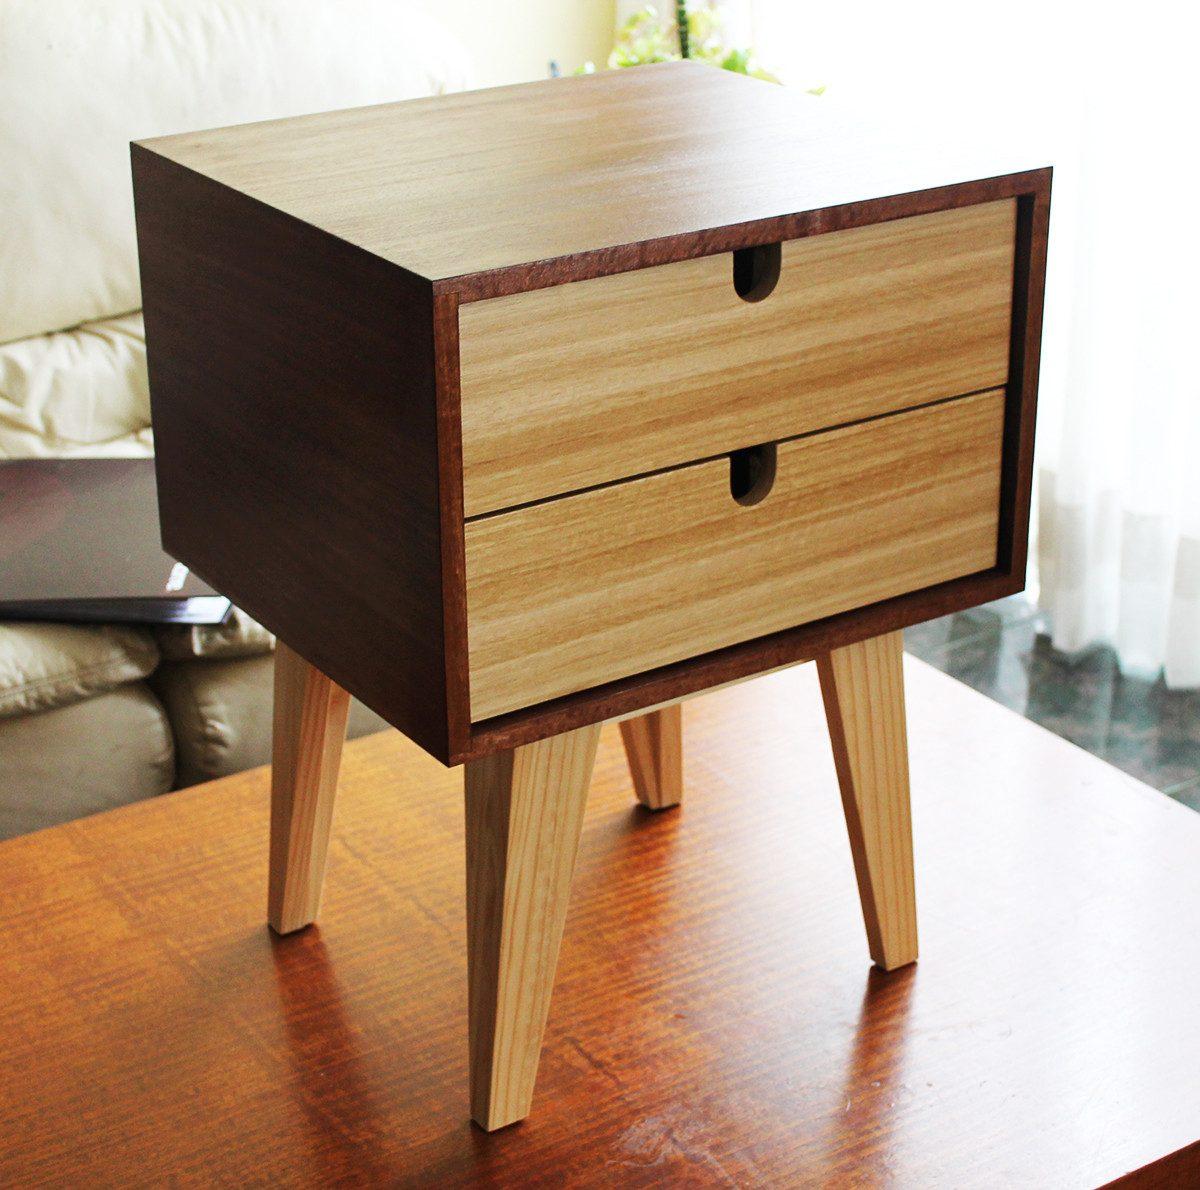 Velador retro est ndar mueble ebacam en mercado libre - Comprar muebles vintage baratos ...